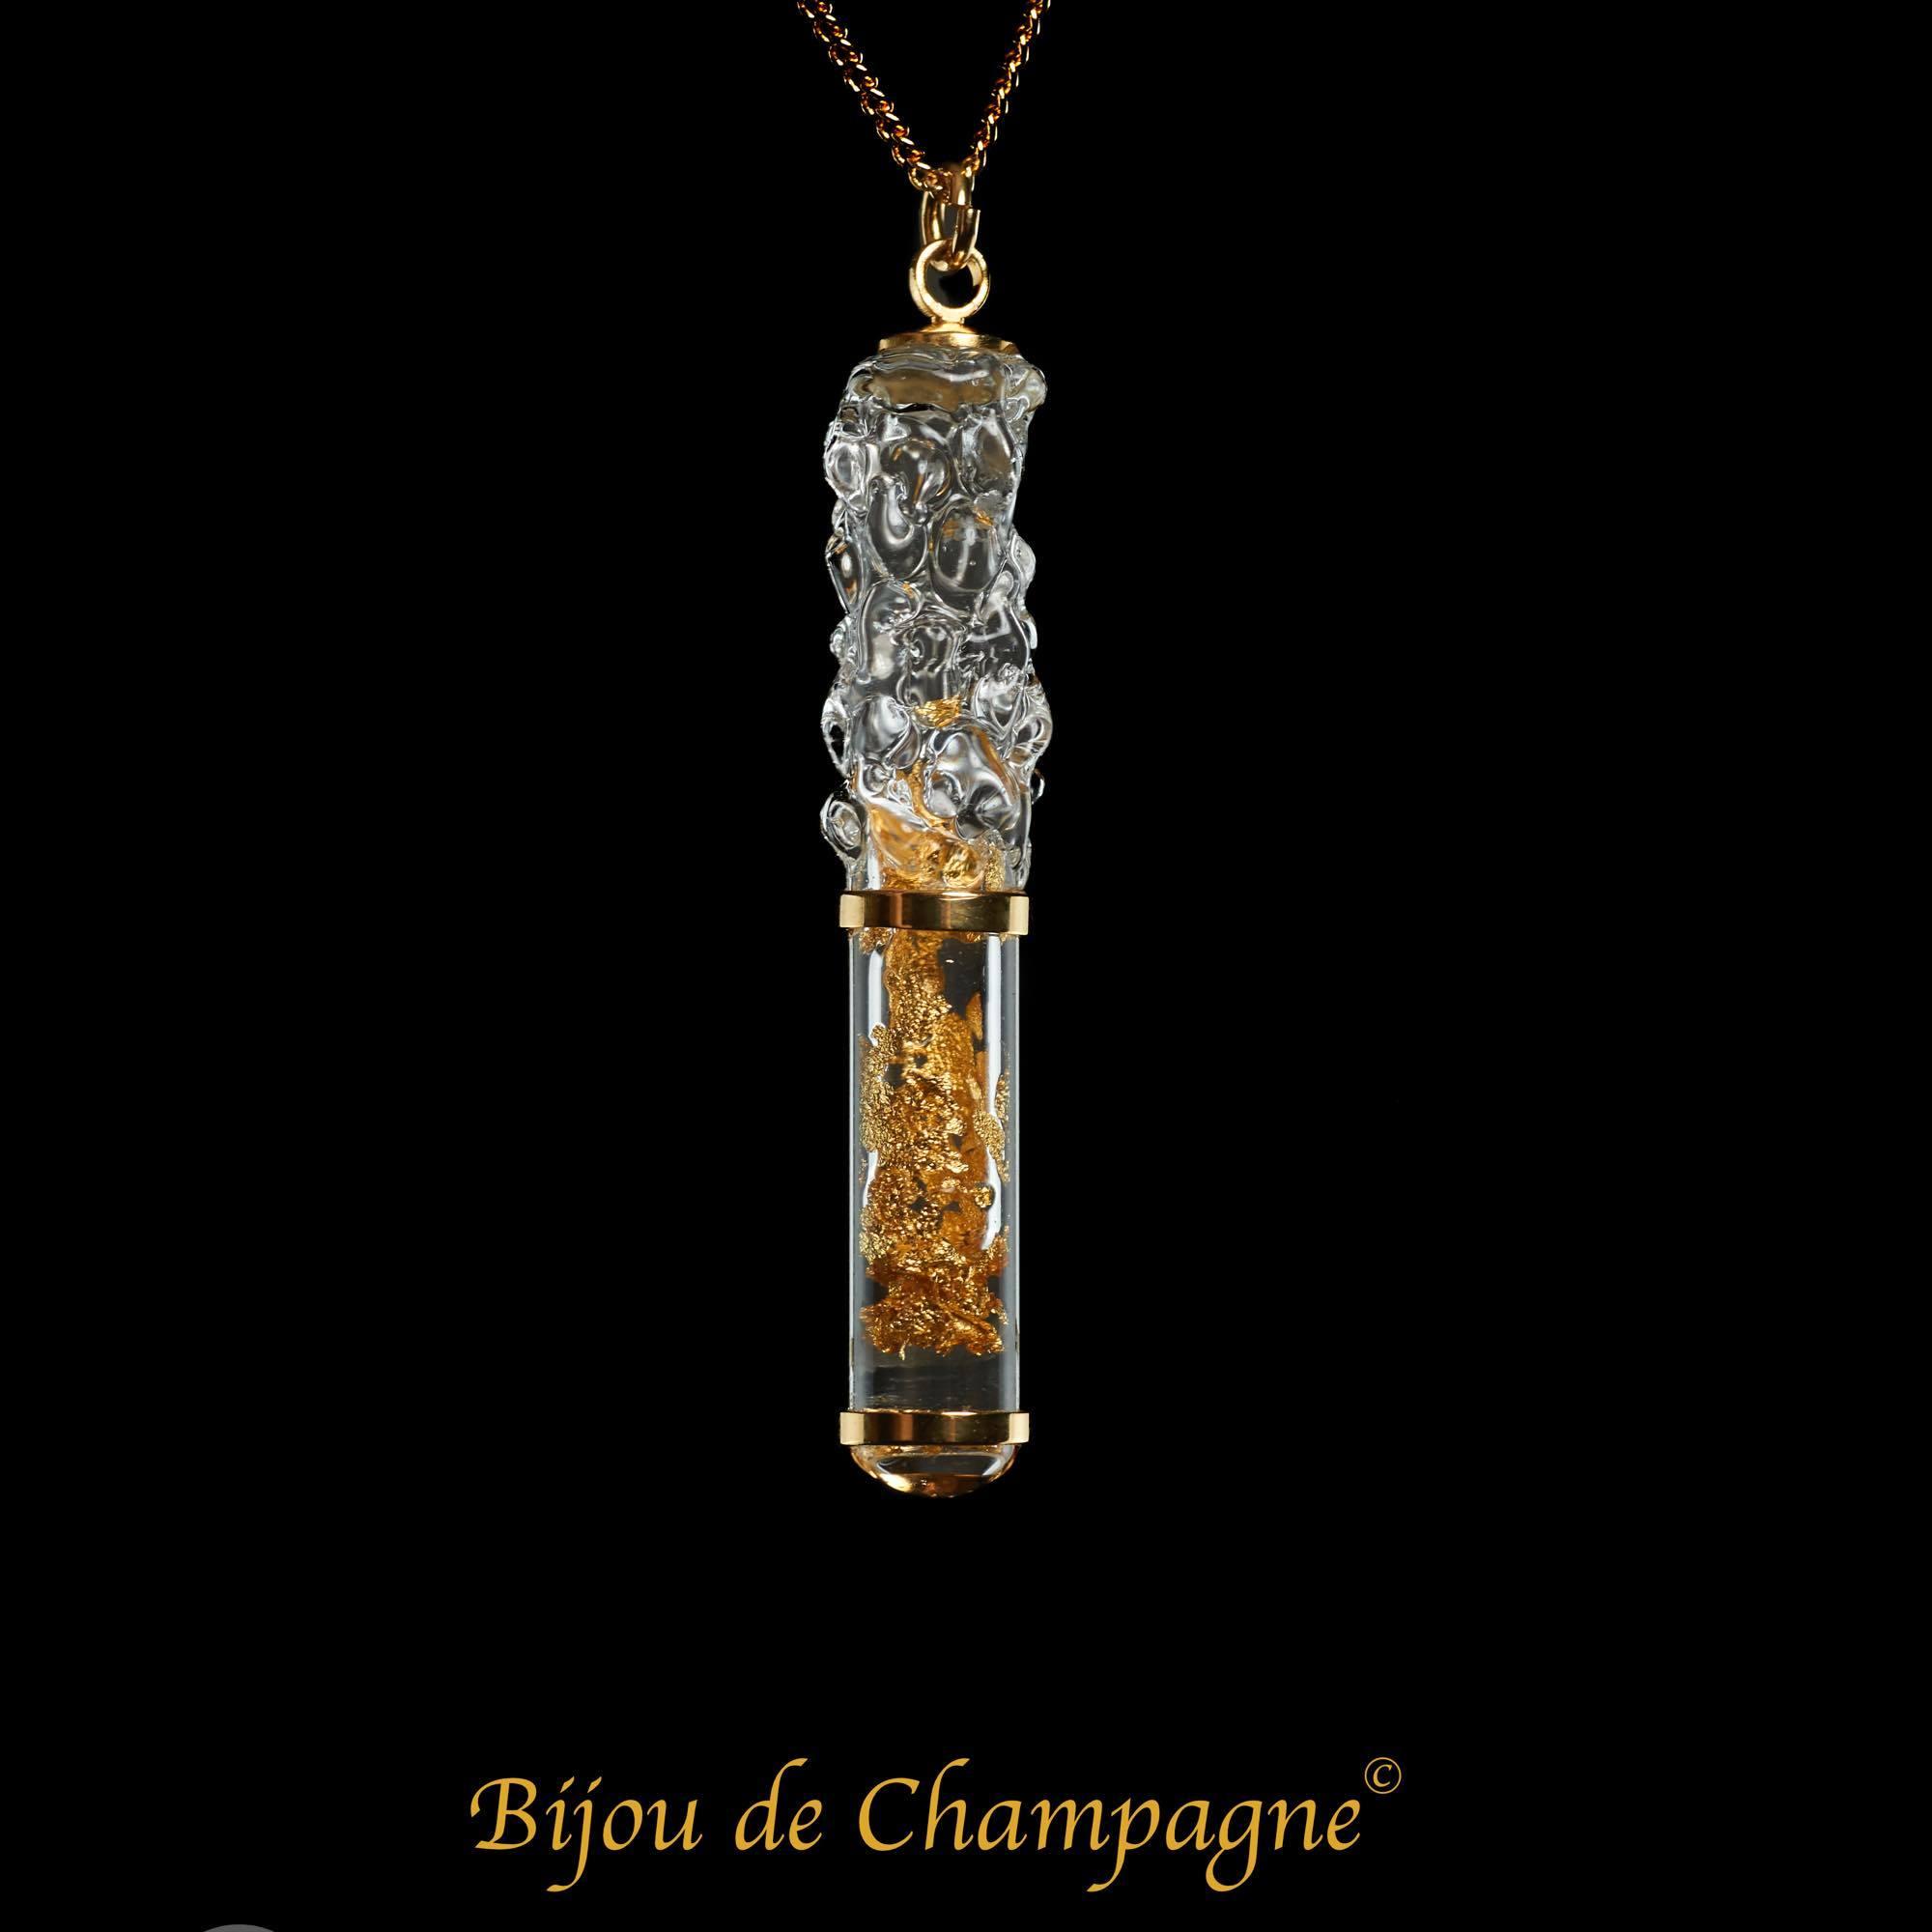 ビジュ・ドゥ・シャンパーニュ|「ムース・ドゥ・シャンパーニュ」(シャンパーニュの泡)ペンダント|フランス製|アクセサリー